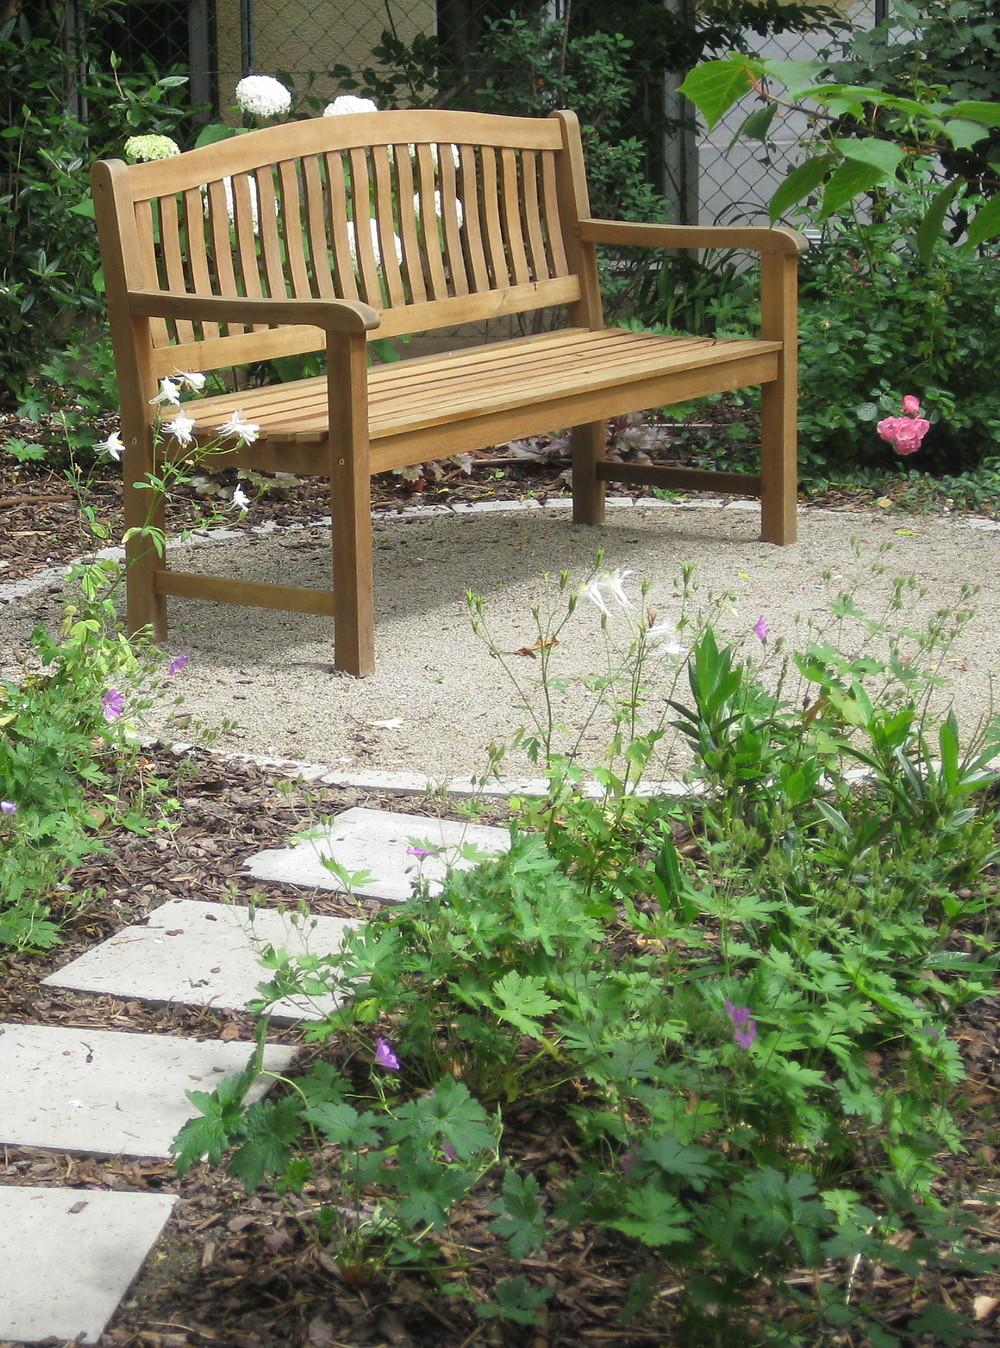 garden bench,roses, geraniums, compacted gravel, circular patio,